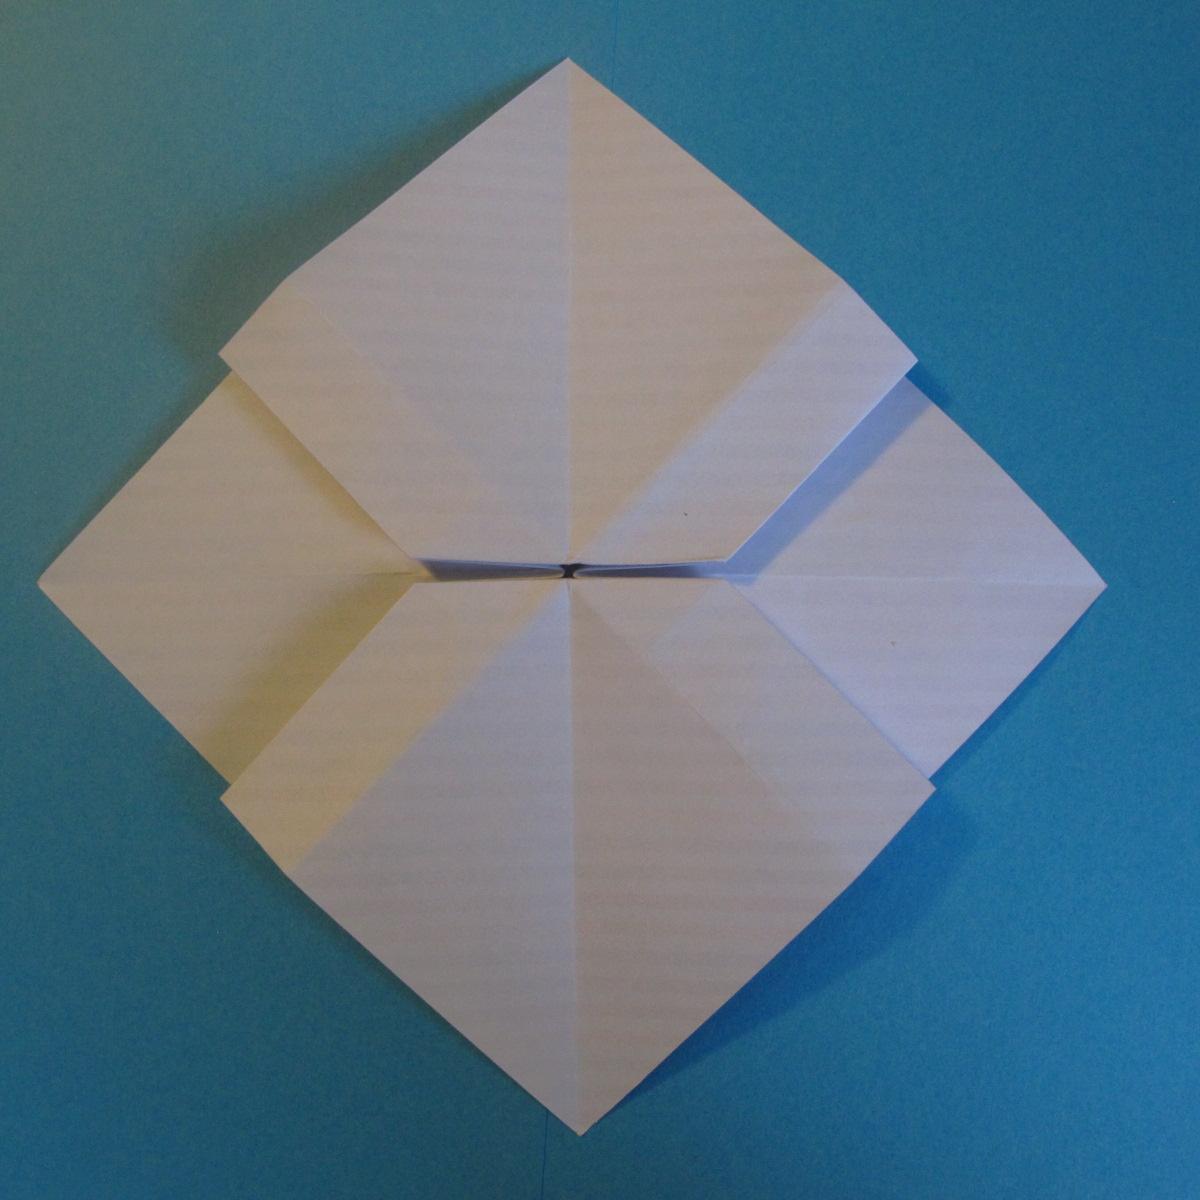 วิธีการพับกระดาษเป็นโบว์หูกระต่าย 016